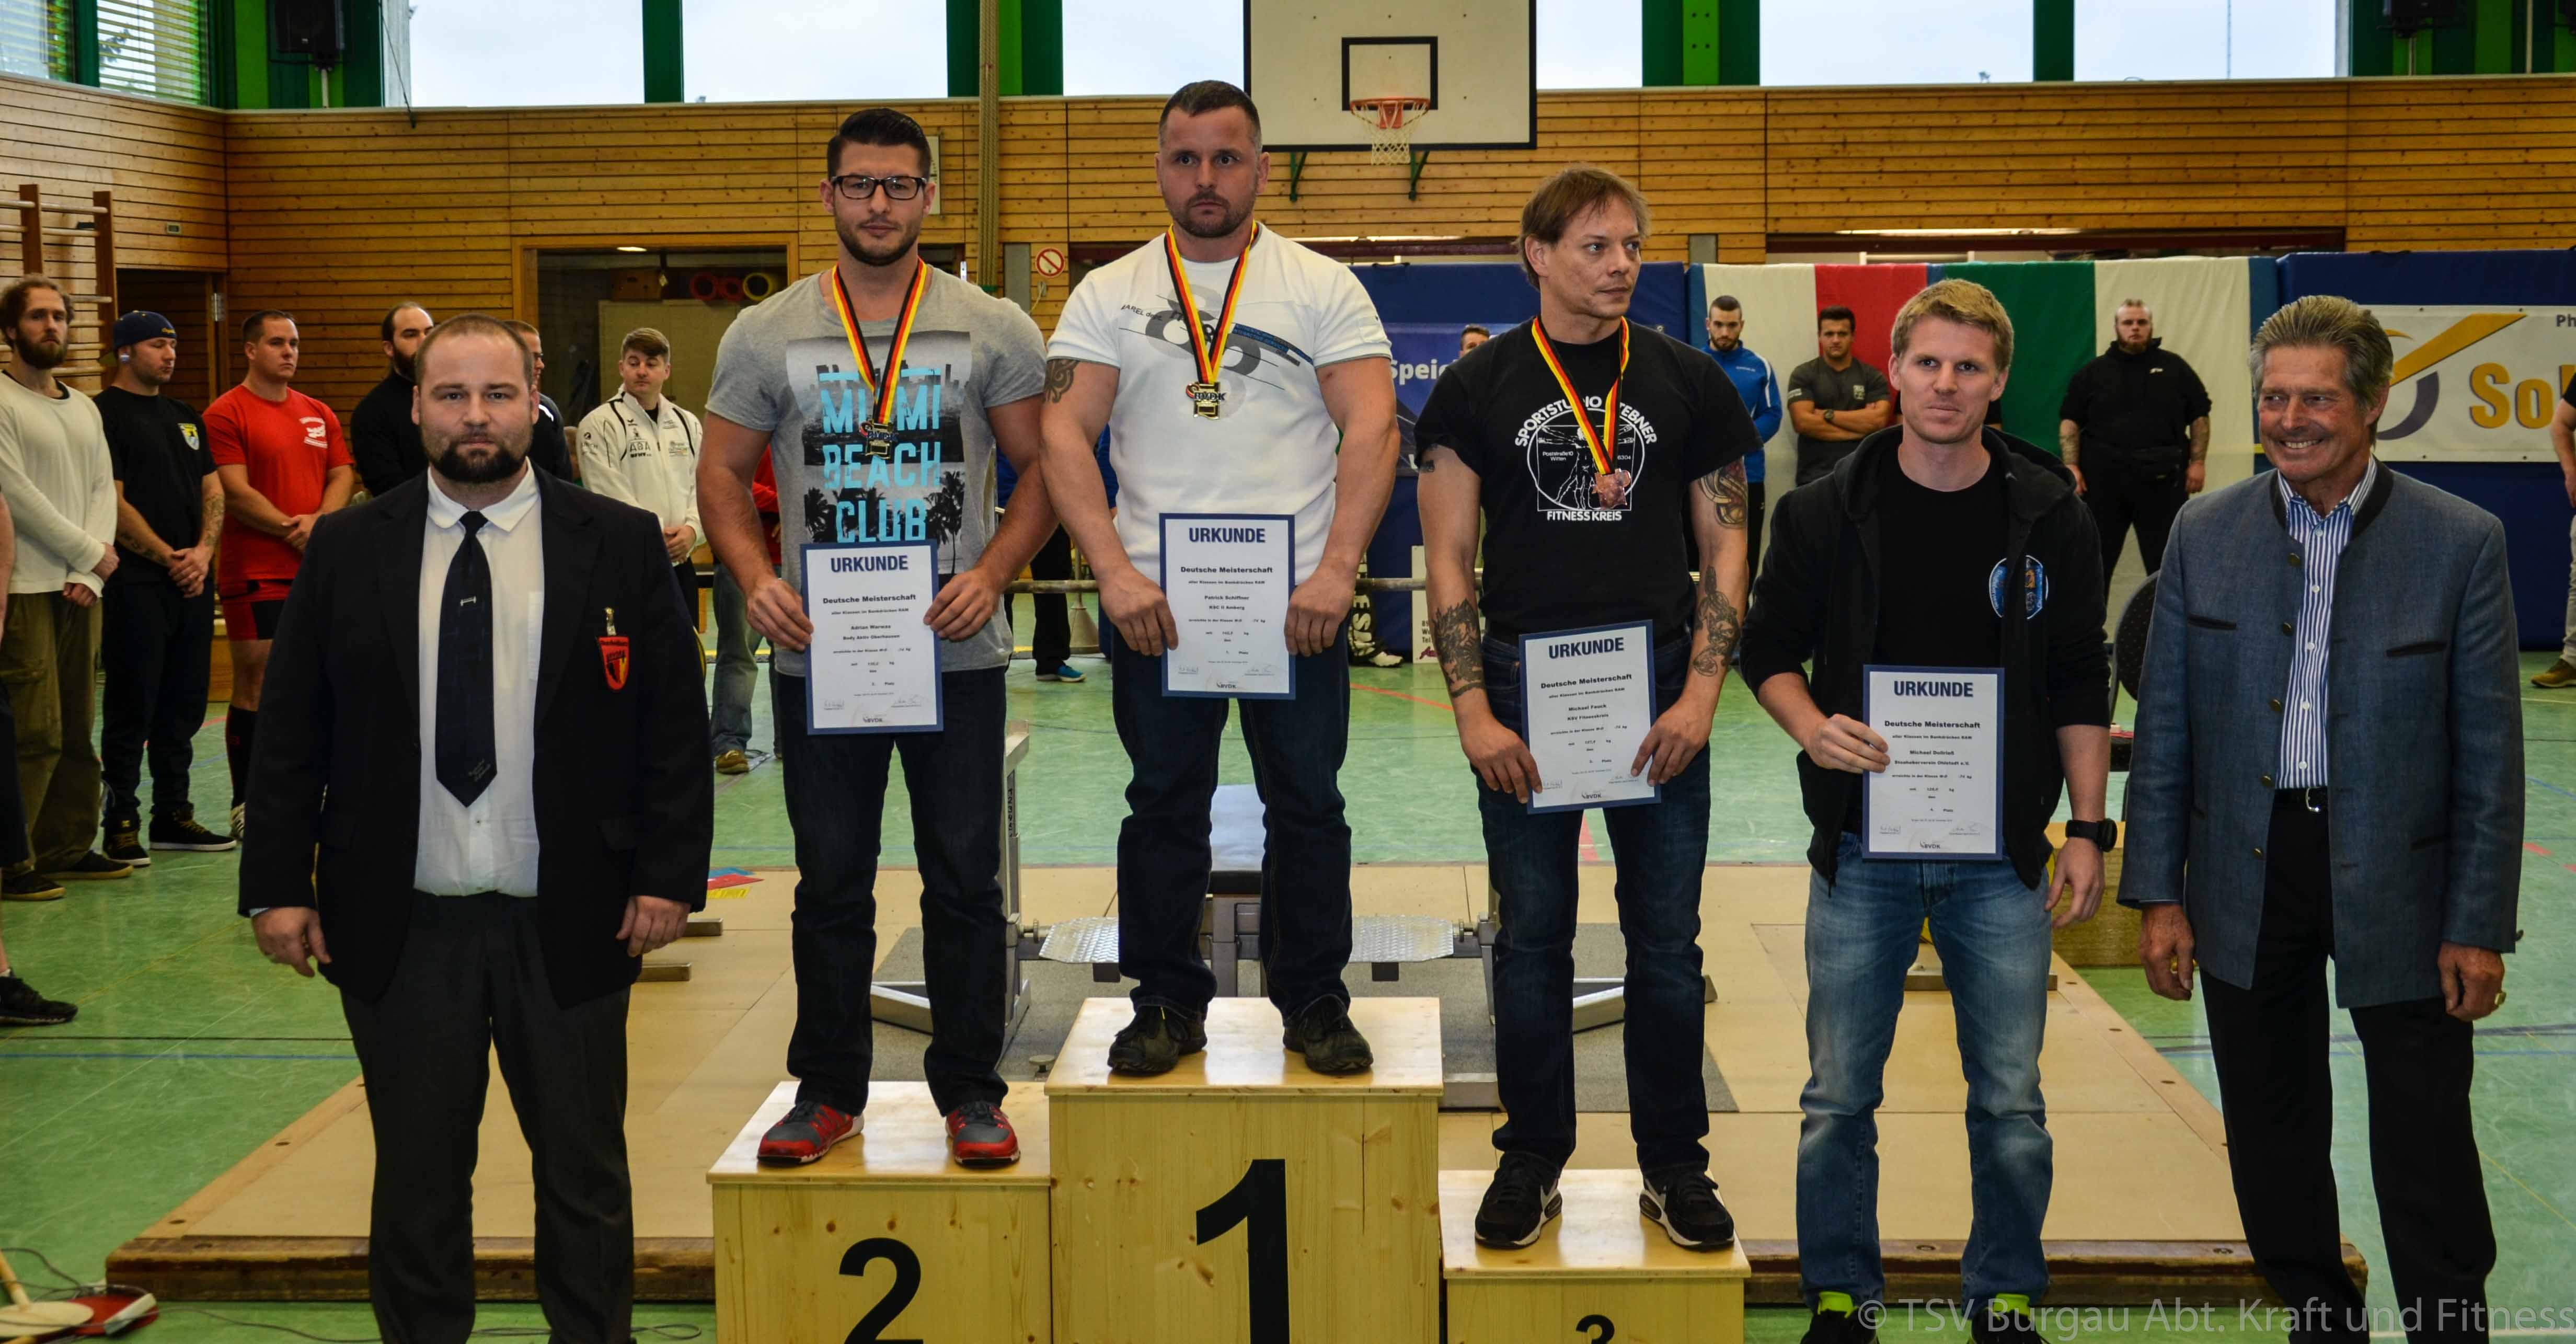 Deutsche Meisterschaft (177 von 187)